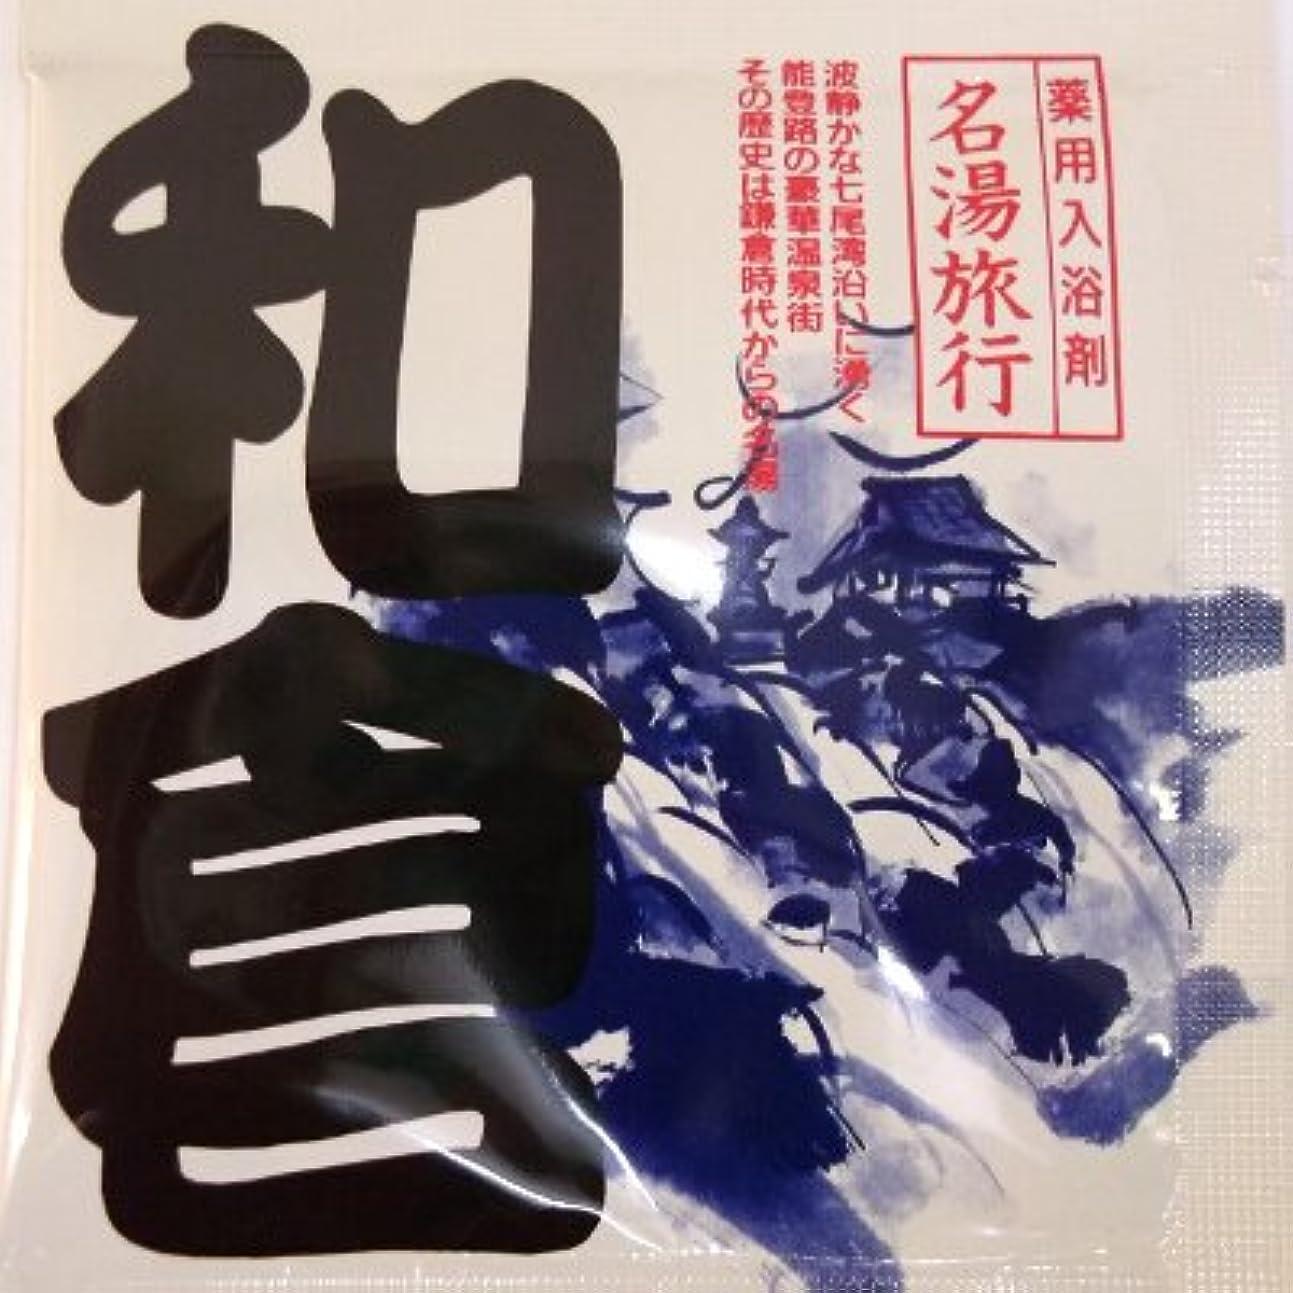 効果声を出してトリム名湯旅行 和倉